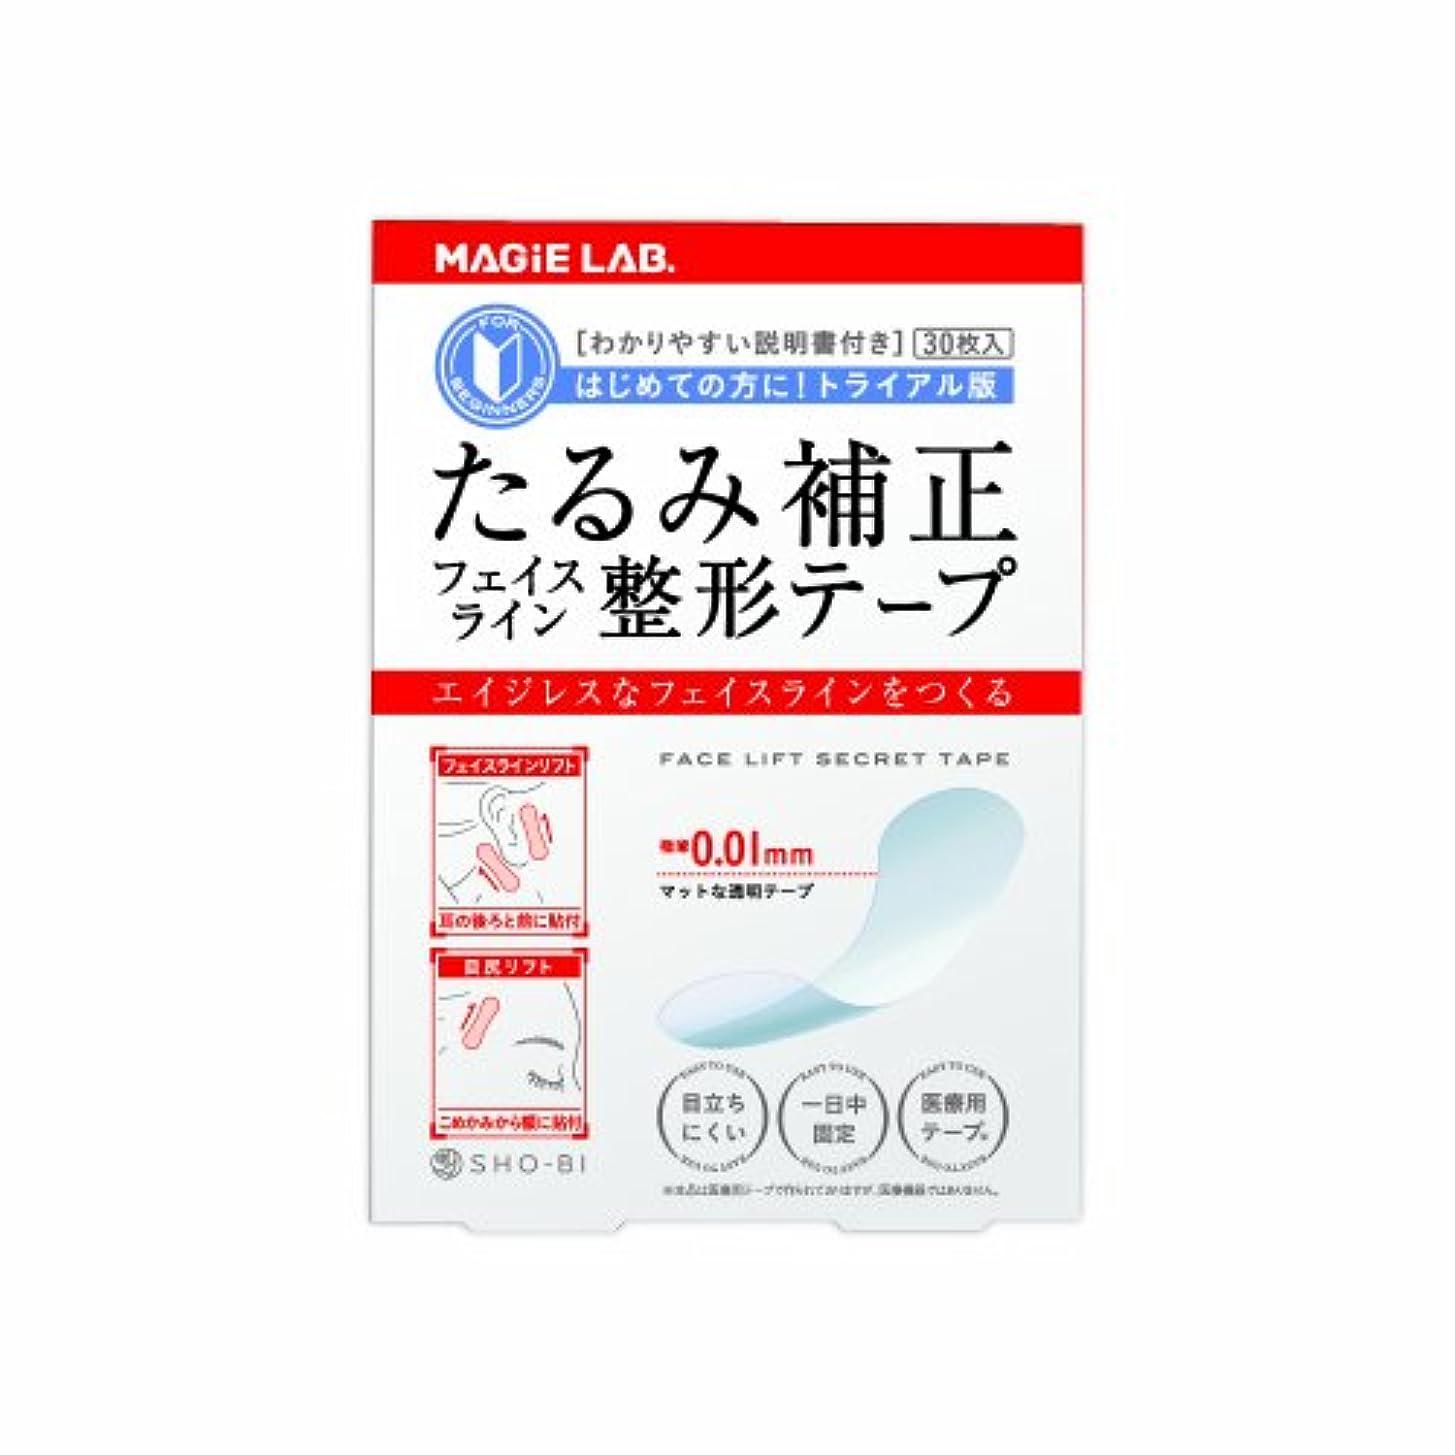 数学たくさんのニッケルMG22106 フェイスライン 整形テープ トライアル版 30枚入 マジラボ MAGiE LAB.